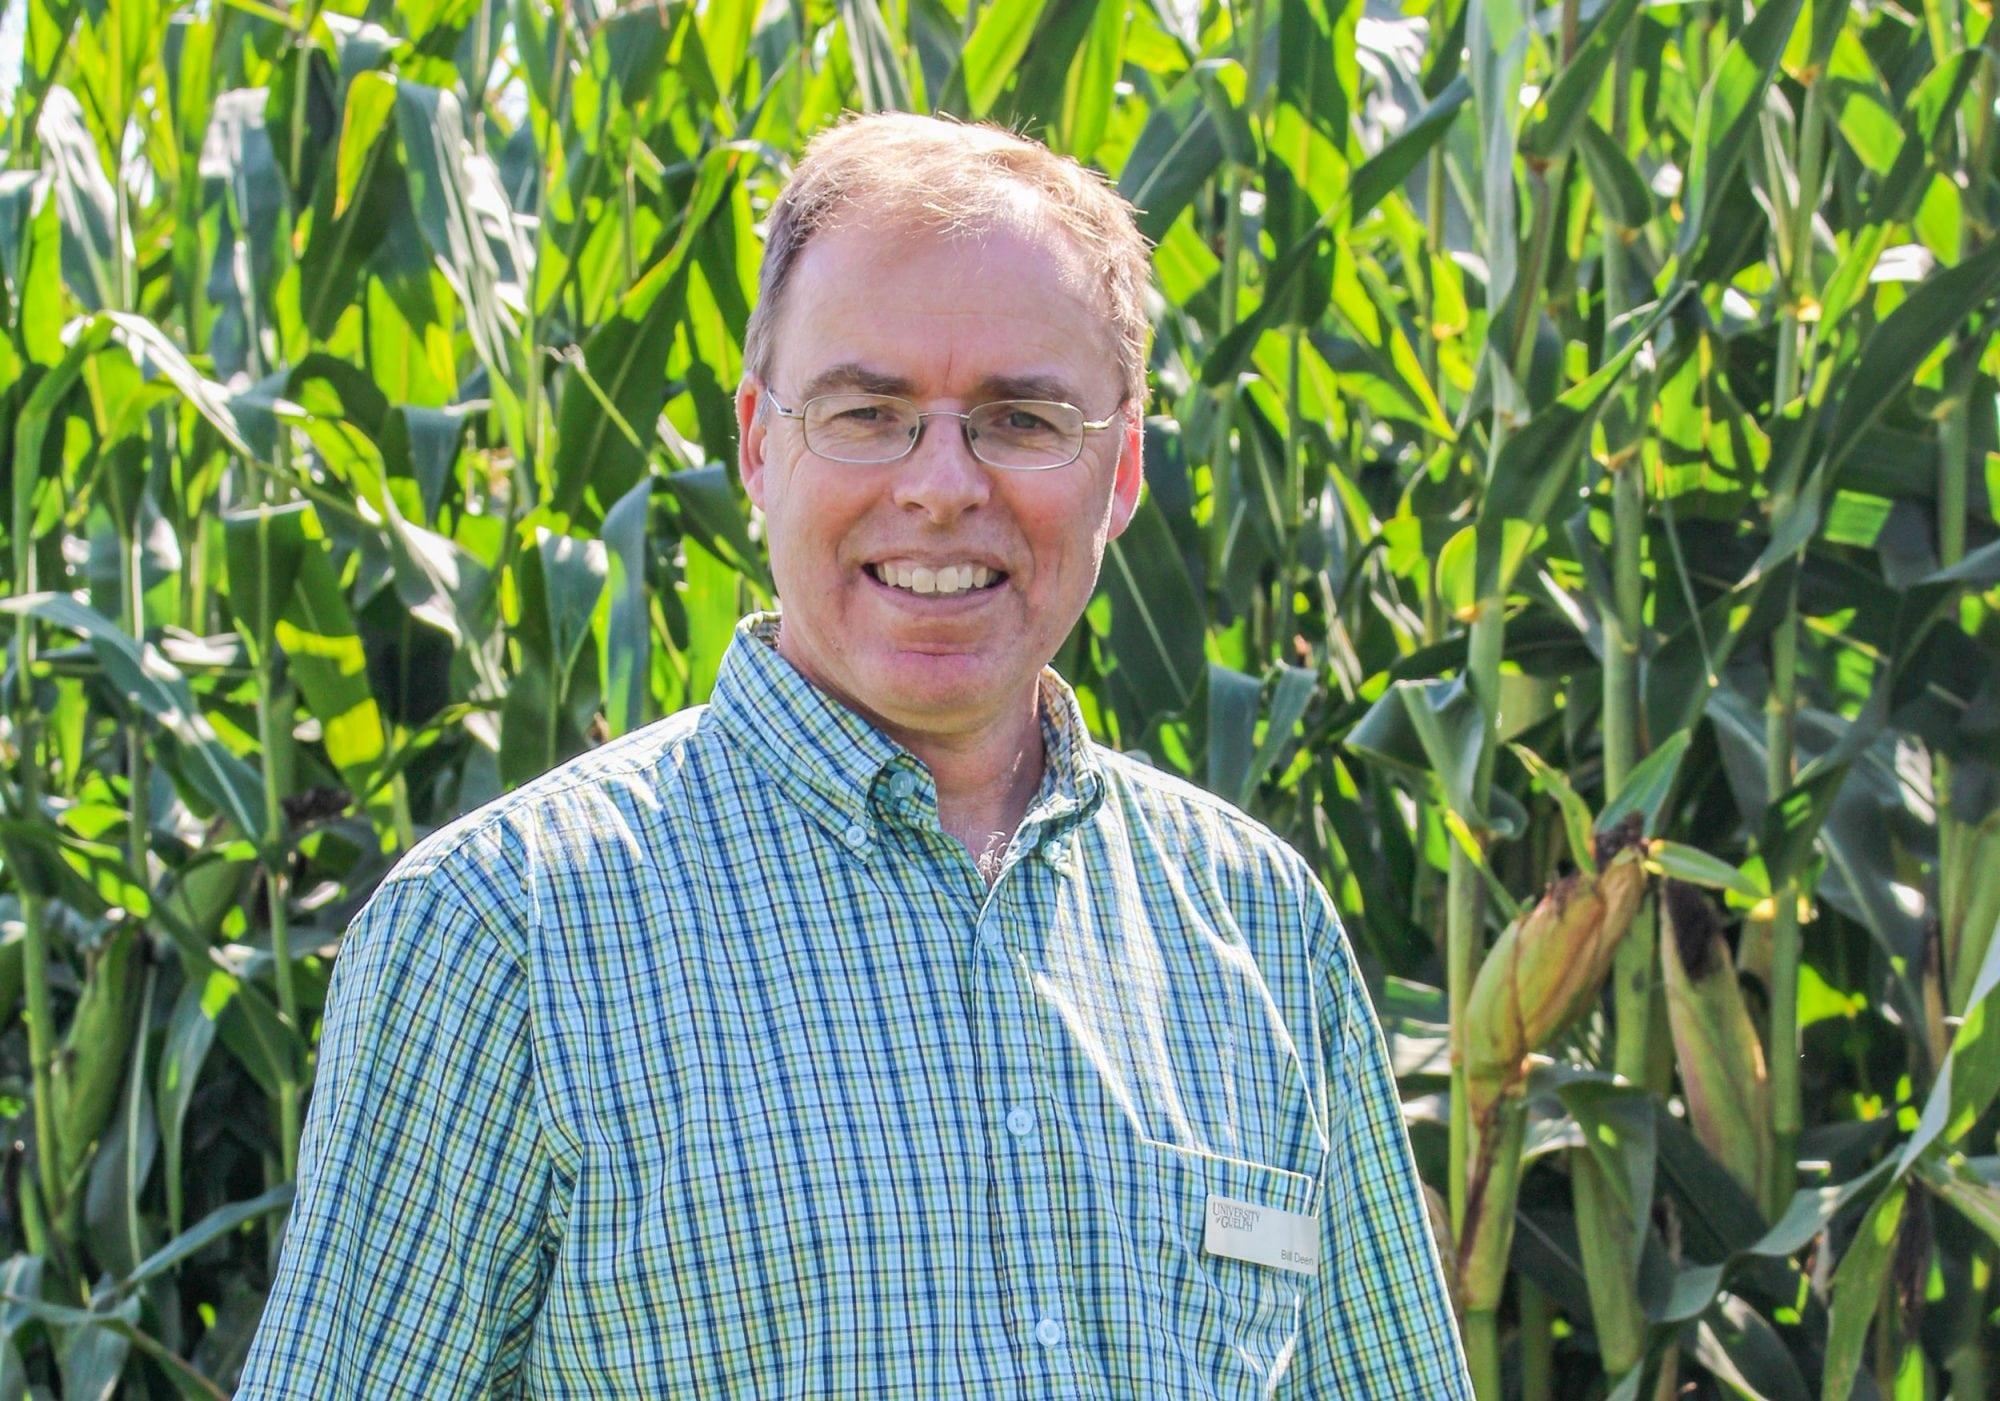 Prof. Bill deen standing in front of corn